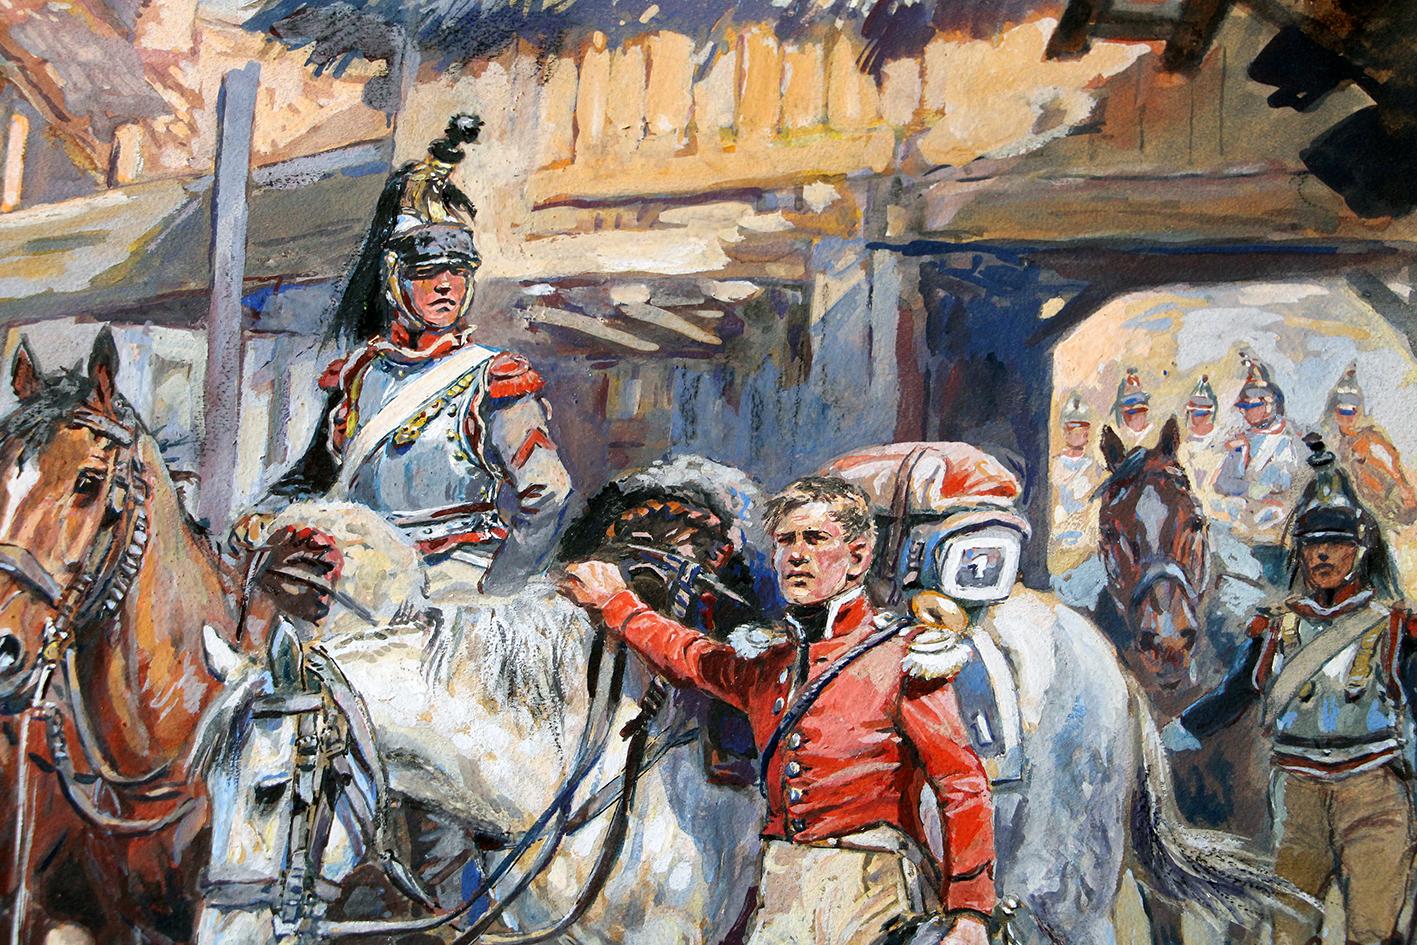 Peinture originale rehaussée - Halte de Cuirassiers - Maurice Toussaint - Gouache - 1er Régiment - Napoléon - 1er Empire - Uniforme